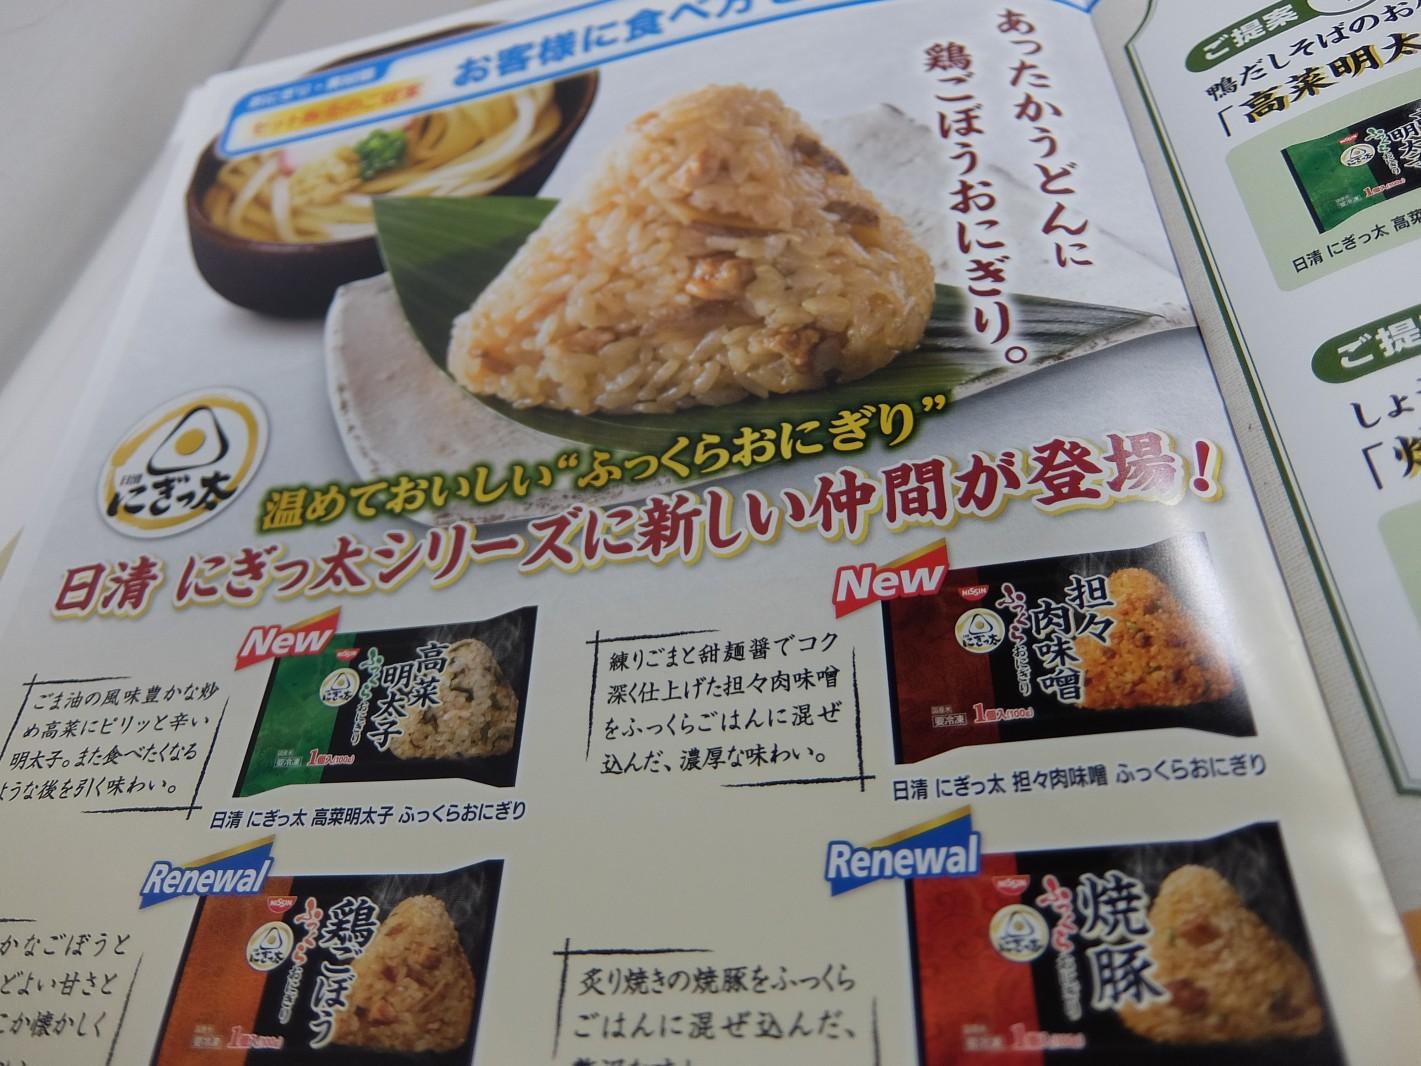 日本テレビ「ヒルナンデス」!最新4大トレンド、おさらいー。やっぱり冬は「白い」? 鍋焼だけに話題が沸騰!!